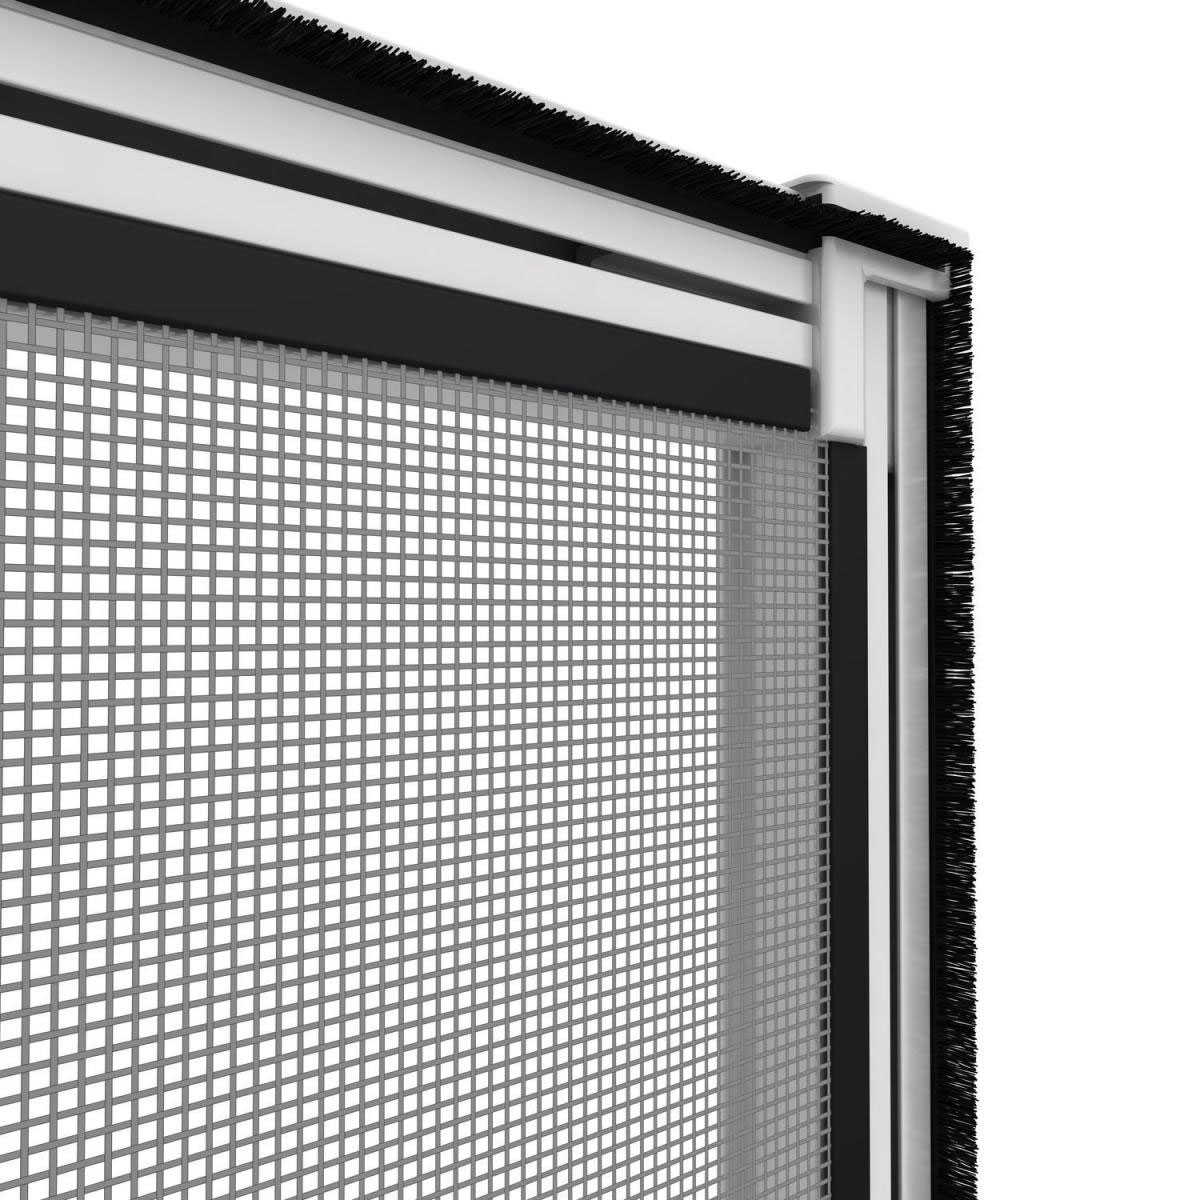 Full Size of Fenster Fliegengitter Easy Life Alu Proline Standardmaße Rollo Insektenschutzgitter Veka Preise Einbruchschutz Nachrüsten Einbruchschutzfolie Kunststoff Fenster Fenster Fliegengitter